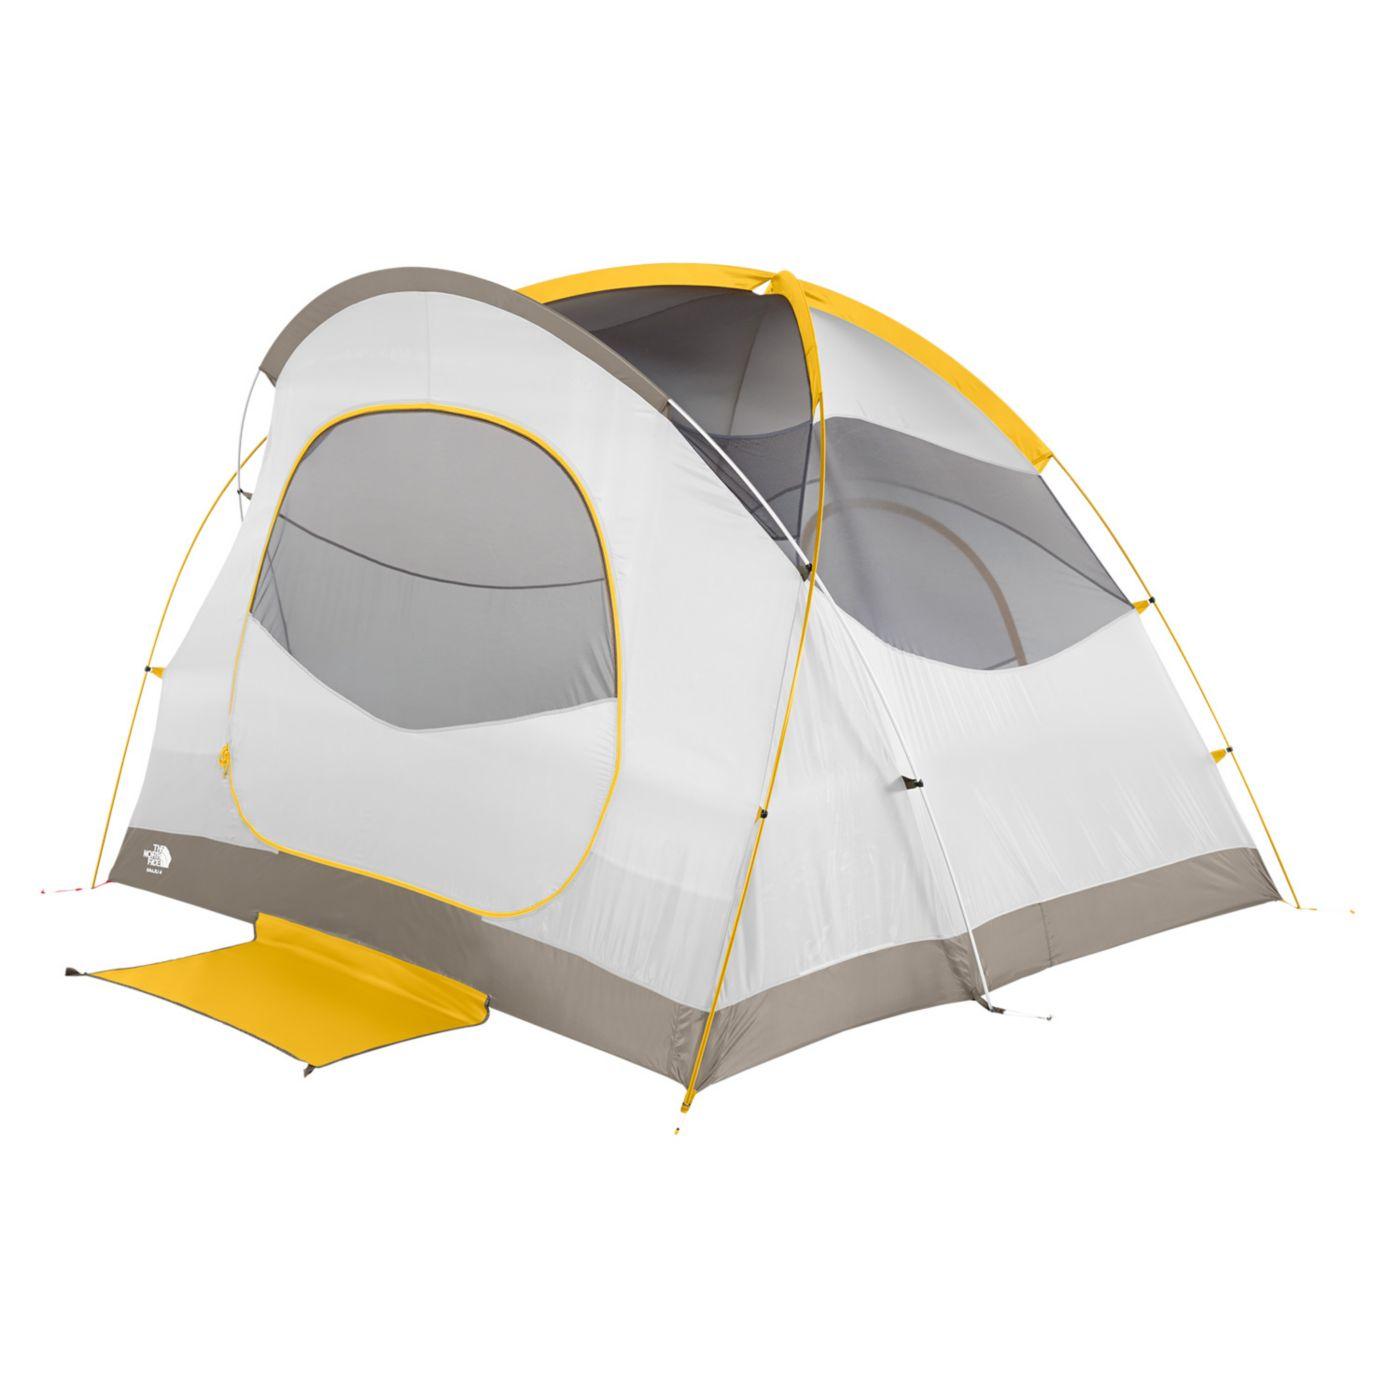 The North Face Kaiju 4 Person Tent - Prior Season